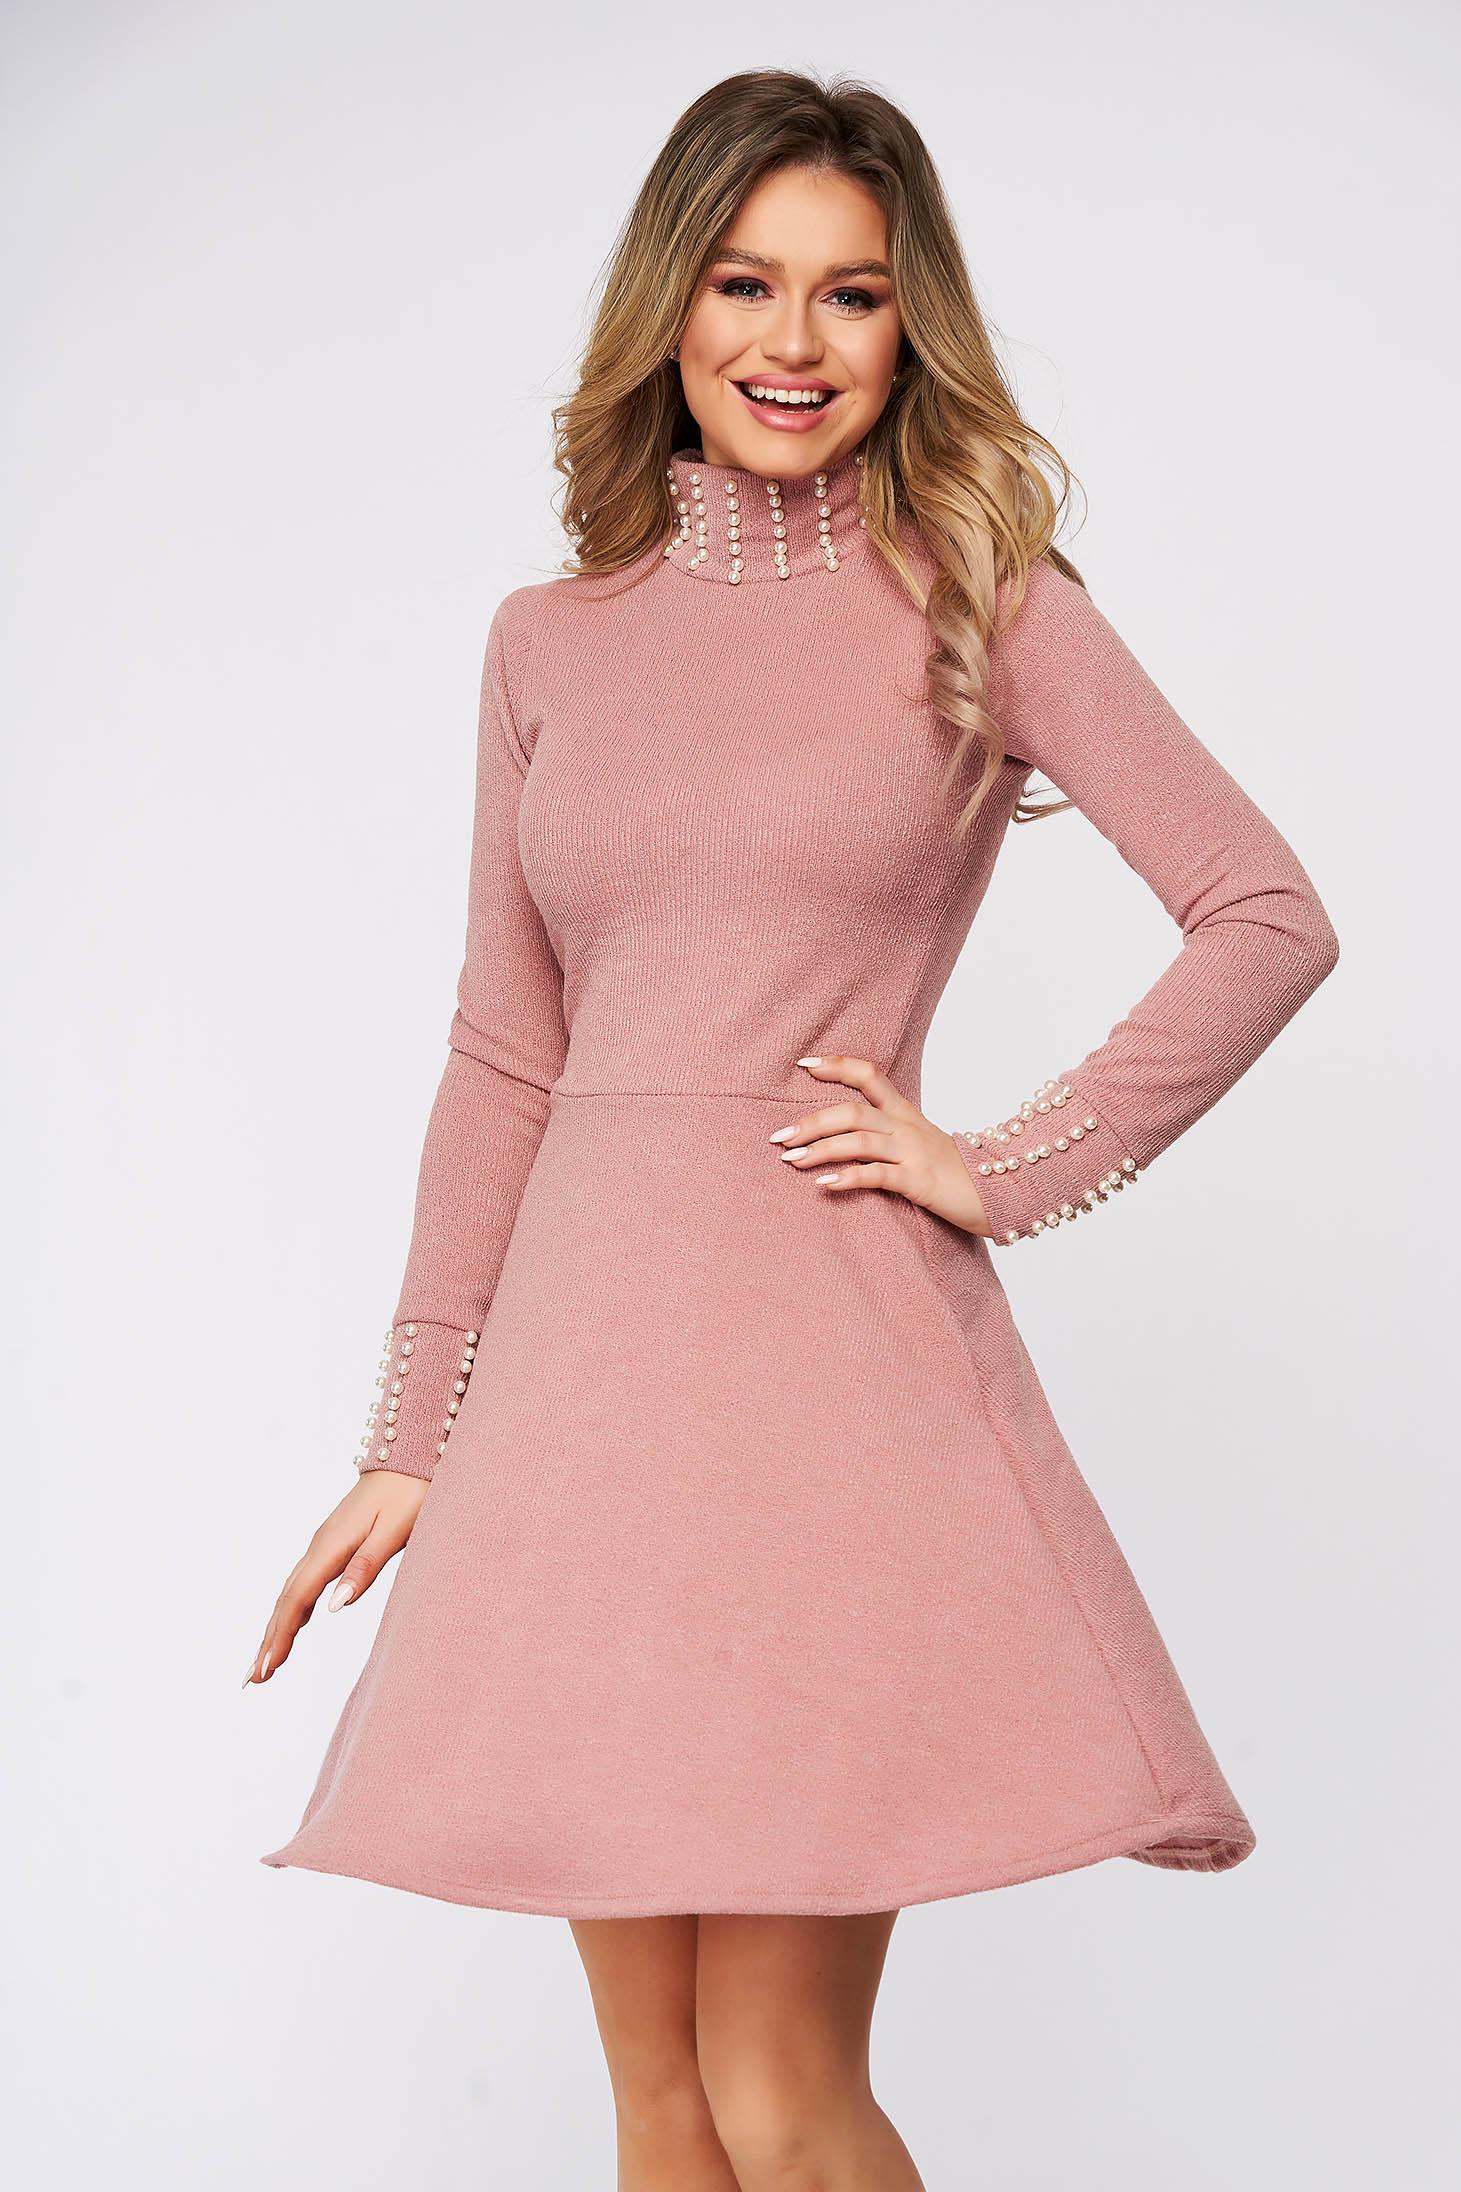 Rochie SunShine roz prafuit casual din material reiat tricotata cu aplicatii cu perle in clos